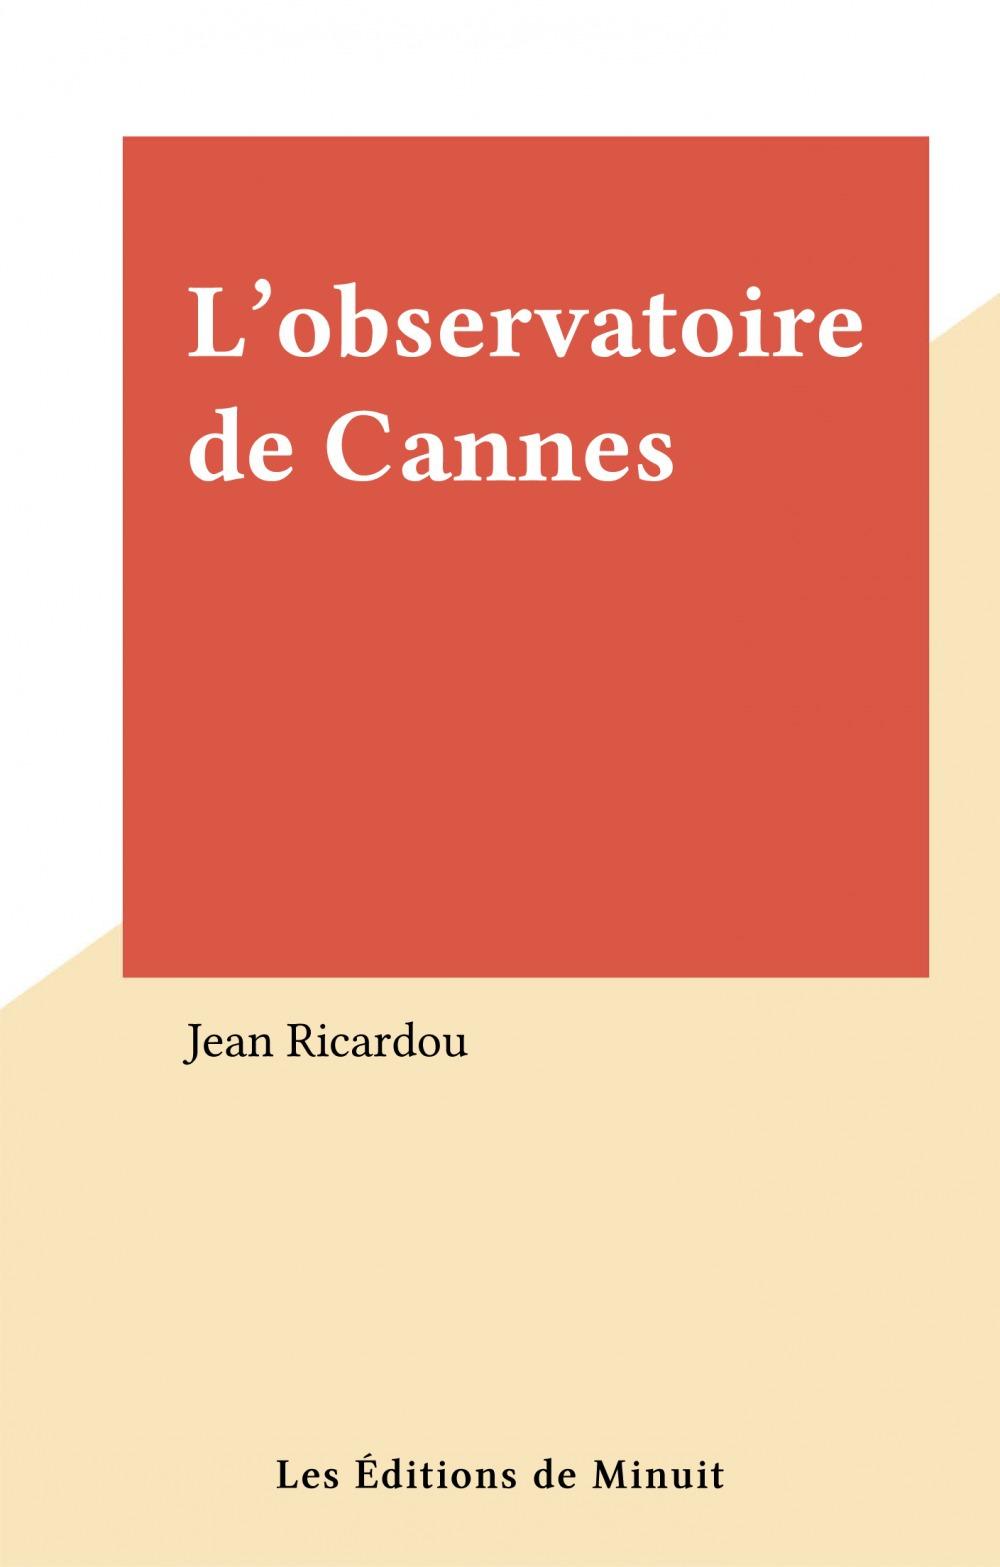 L'observatoire de Cannes  - Jean Ricardou